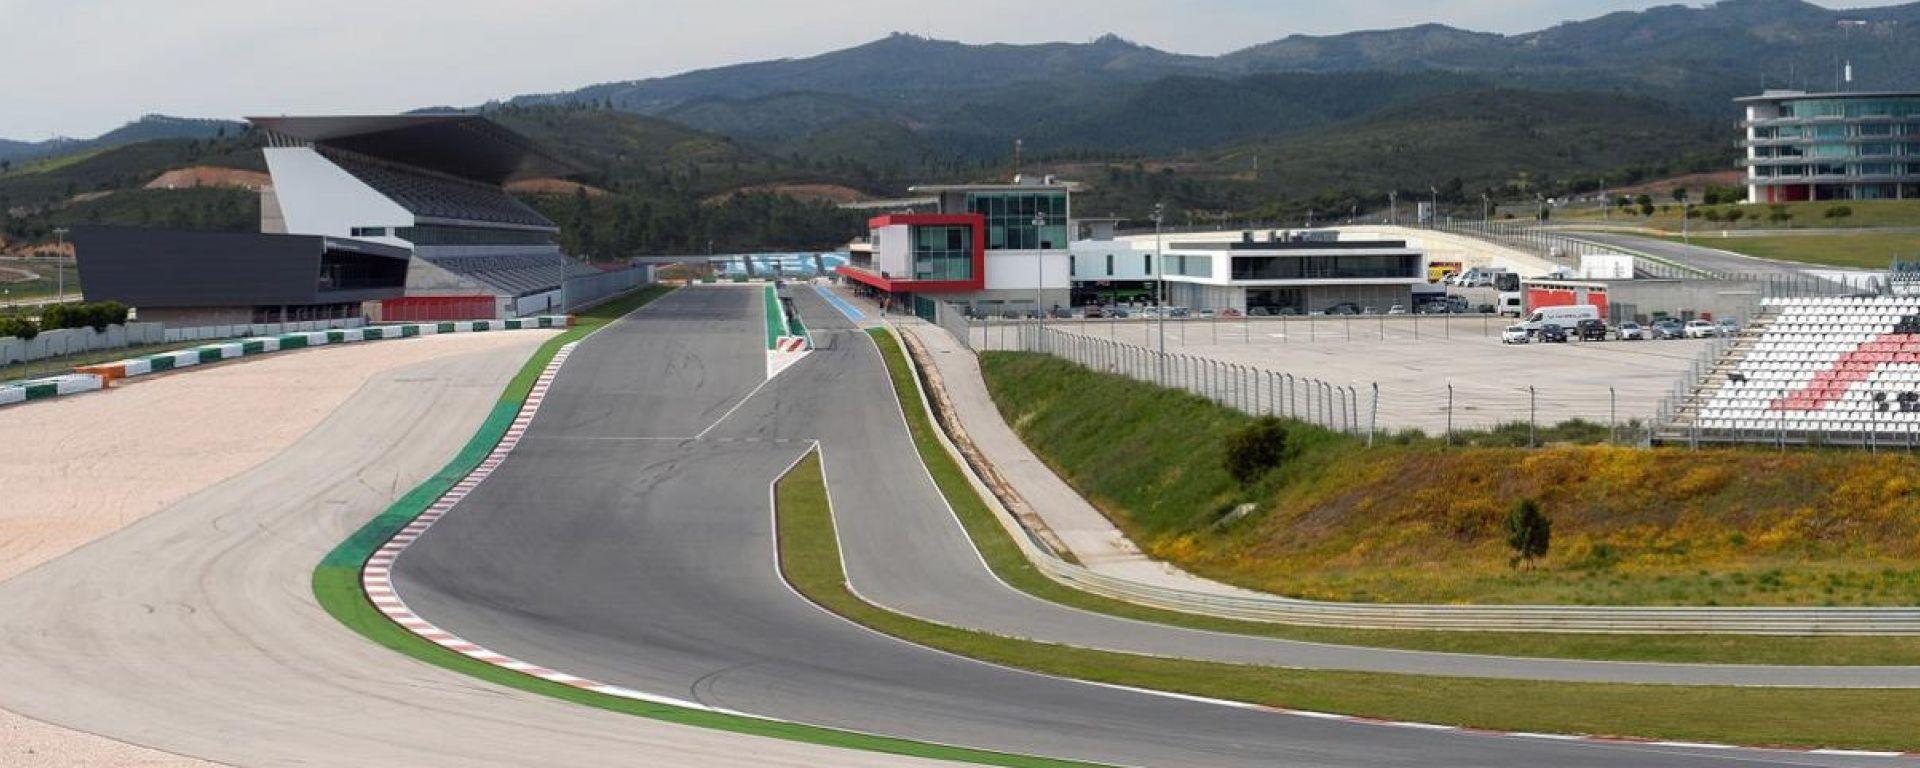 Circuito dell'Algarve, Portimao, Portogallo